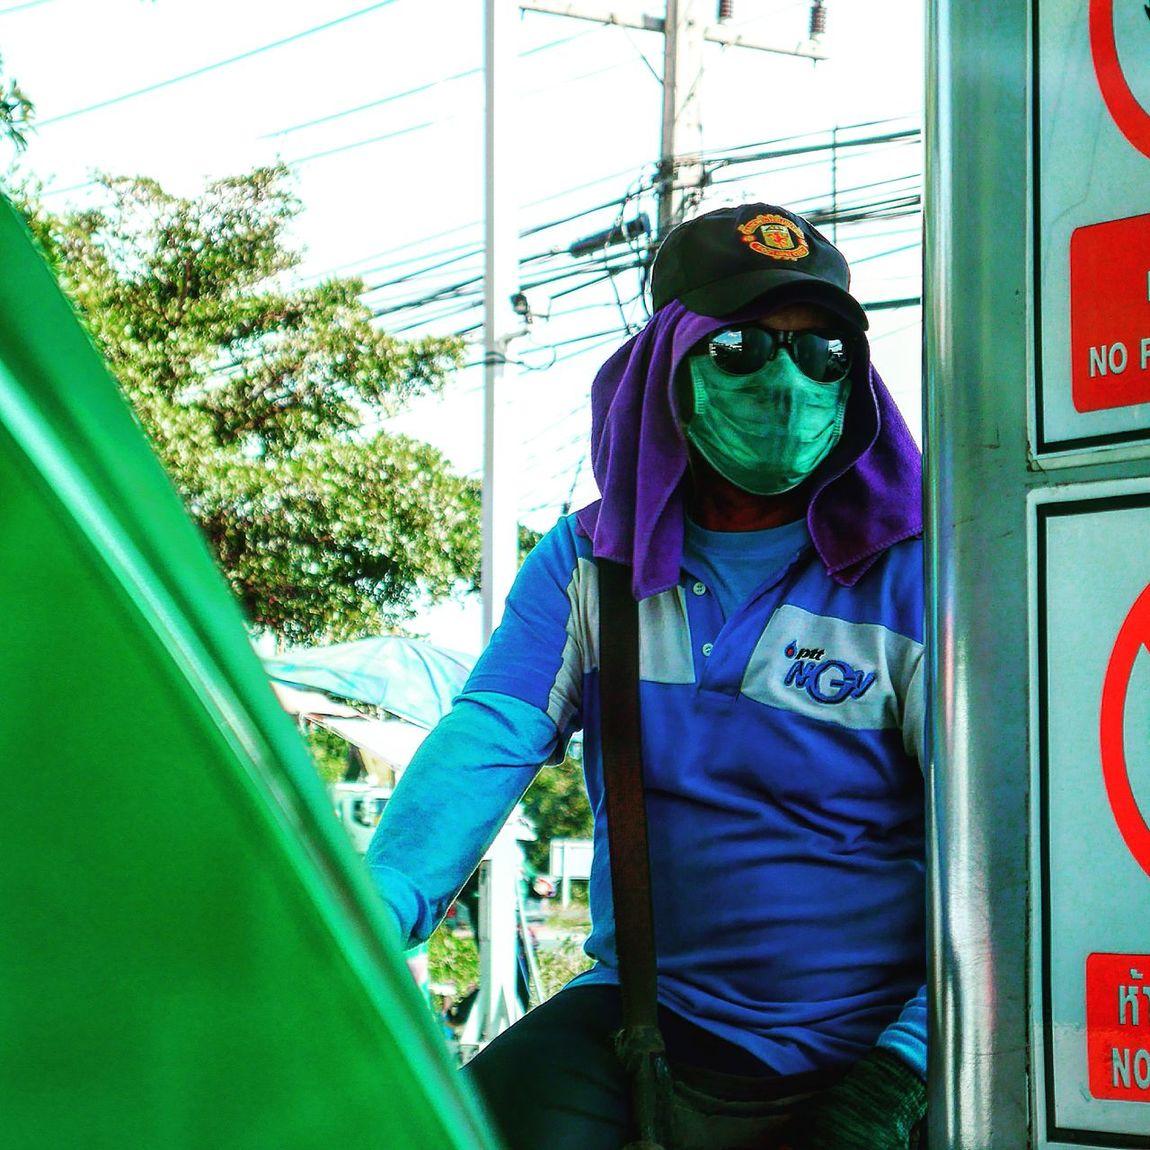 Modernhero Thailand Gas Station Modernheroes